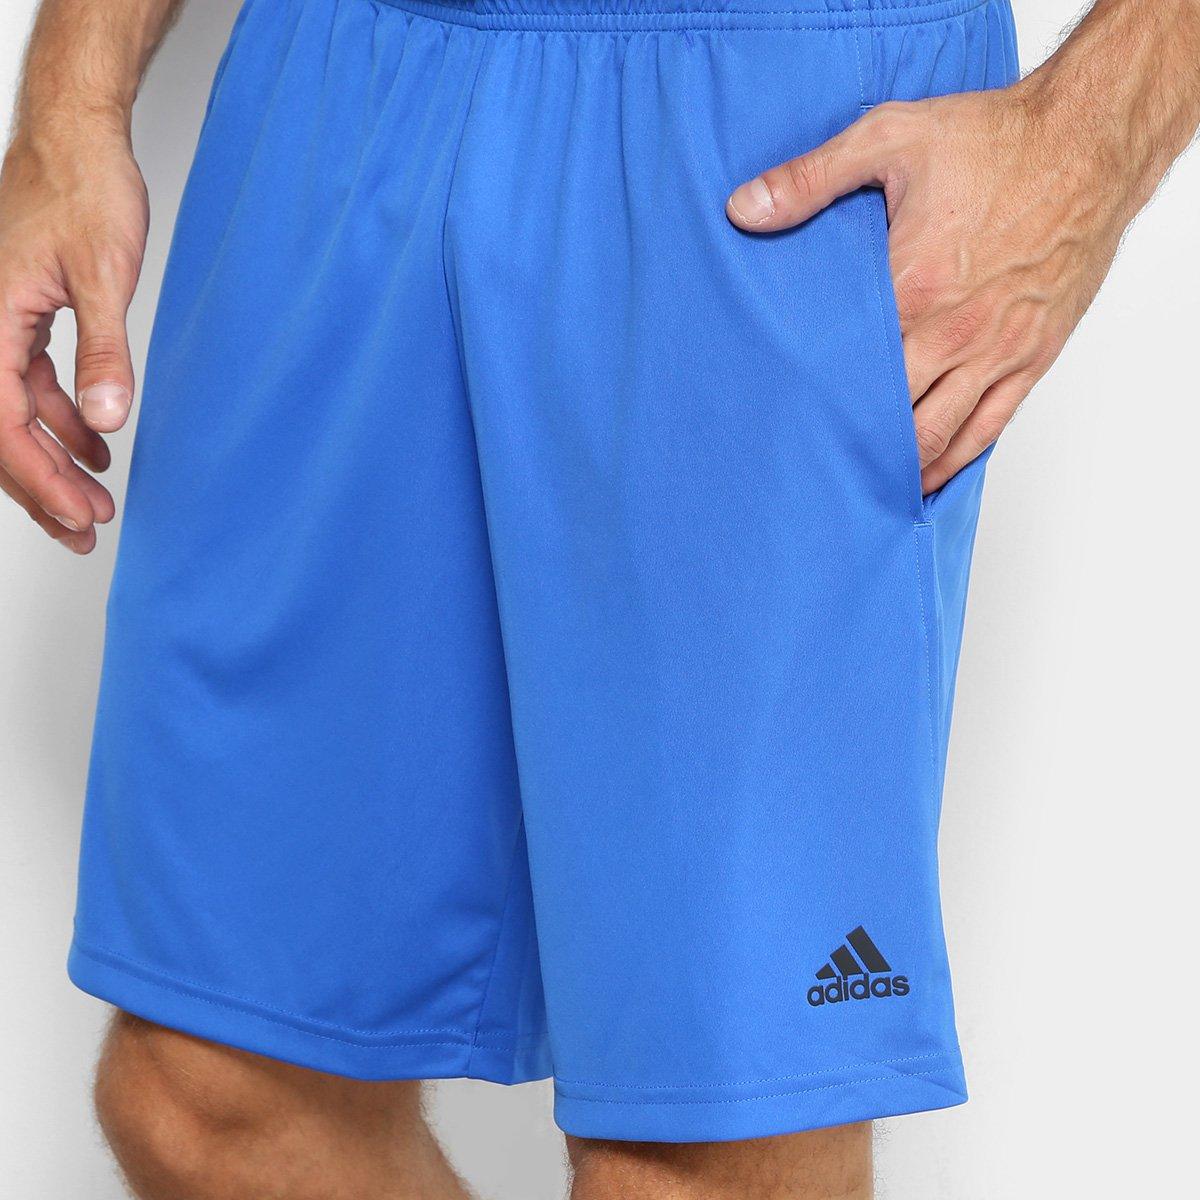 25f8b65416 Bermuda Adidas Plain Masculina - Azul e Preto - Compre Agora